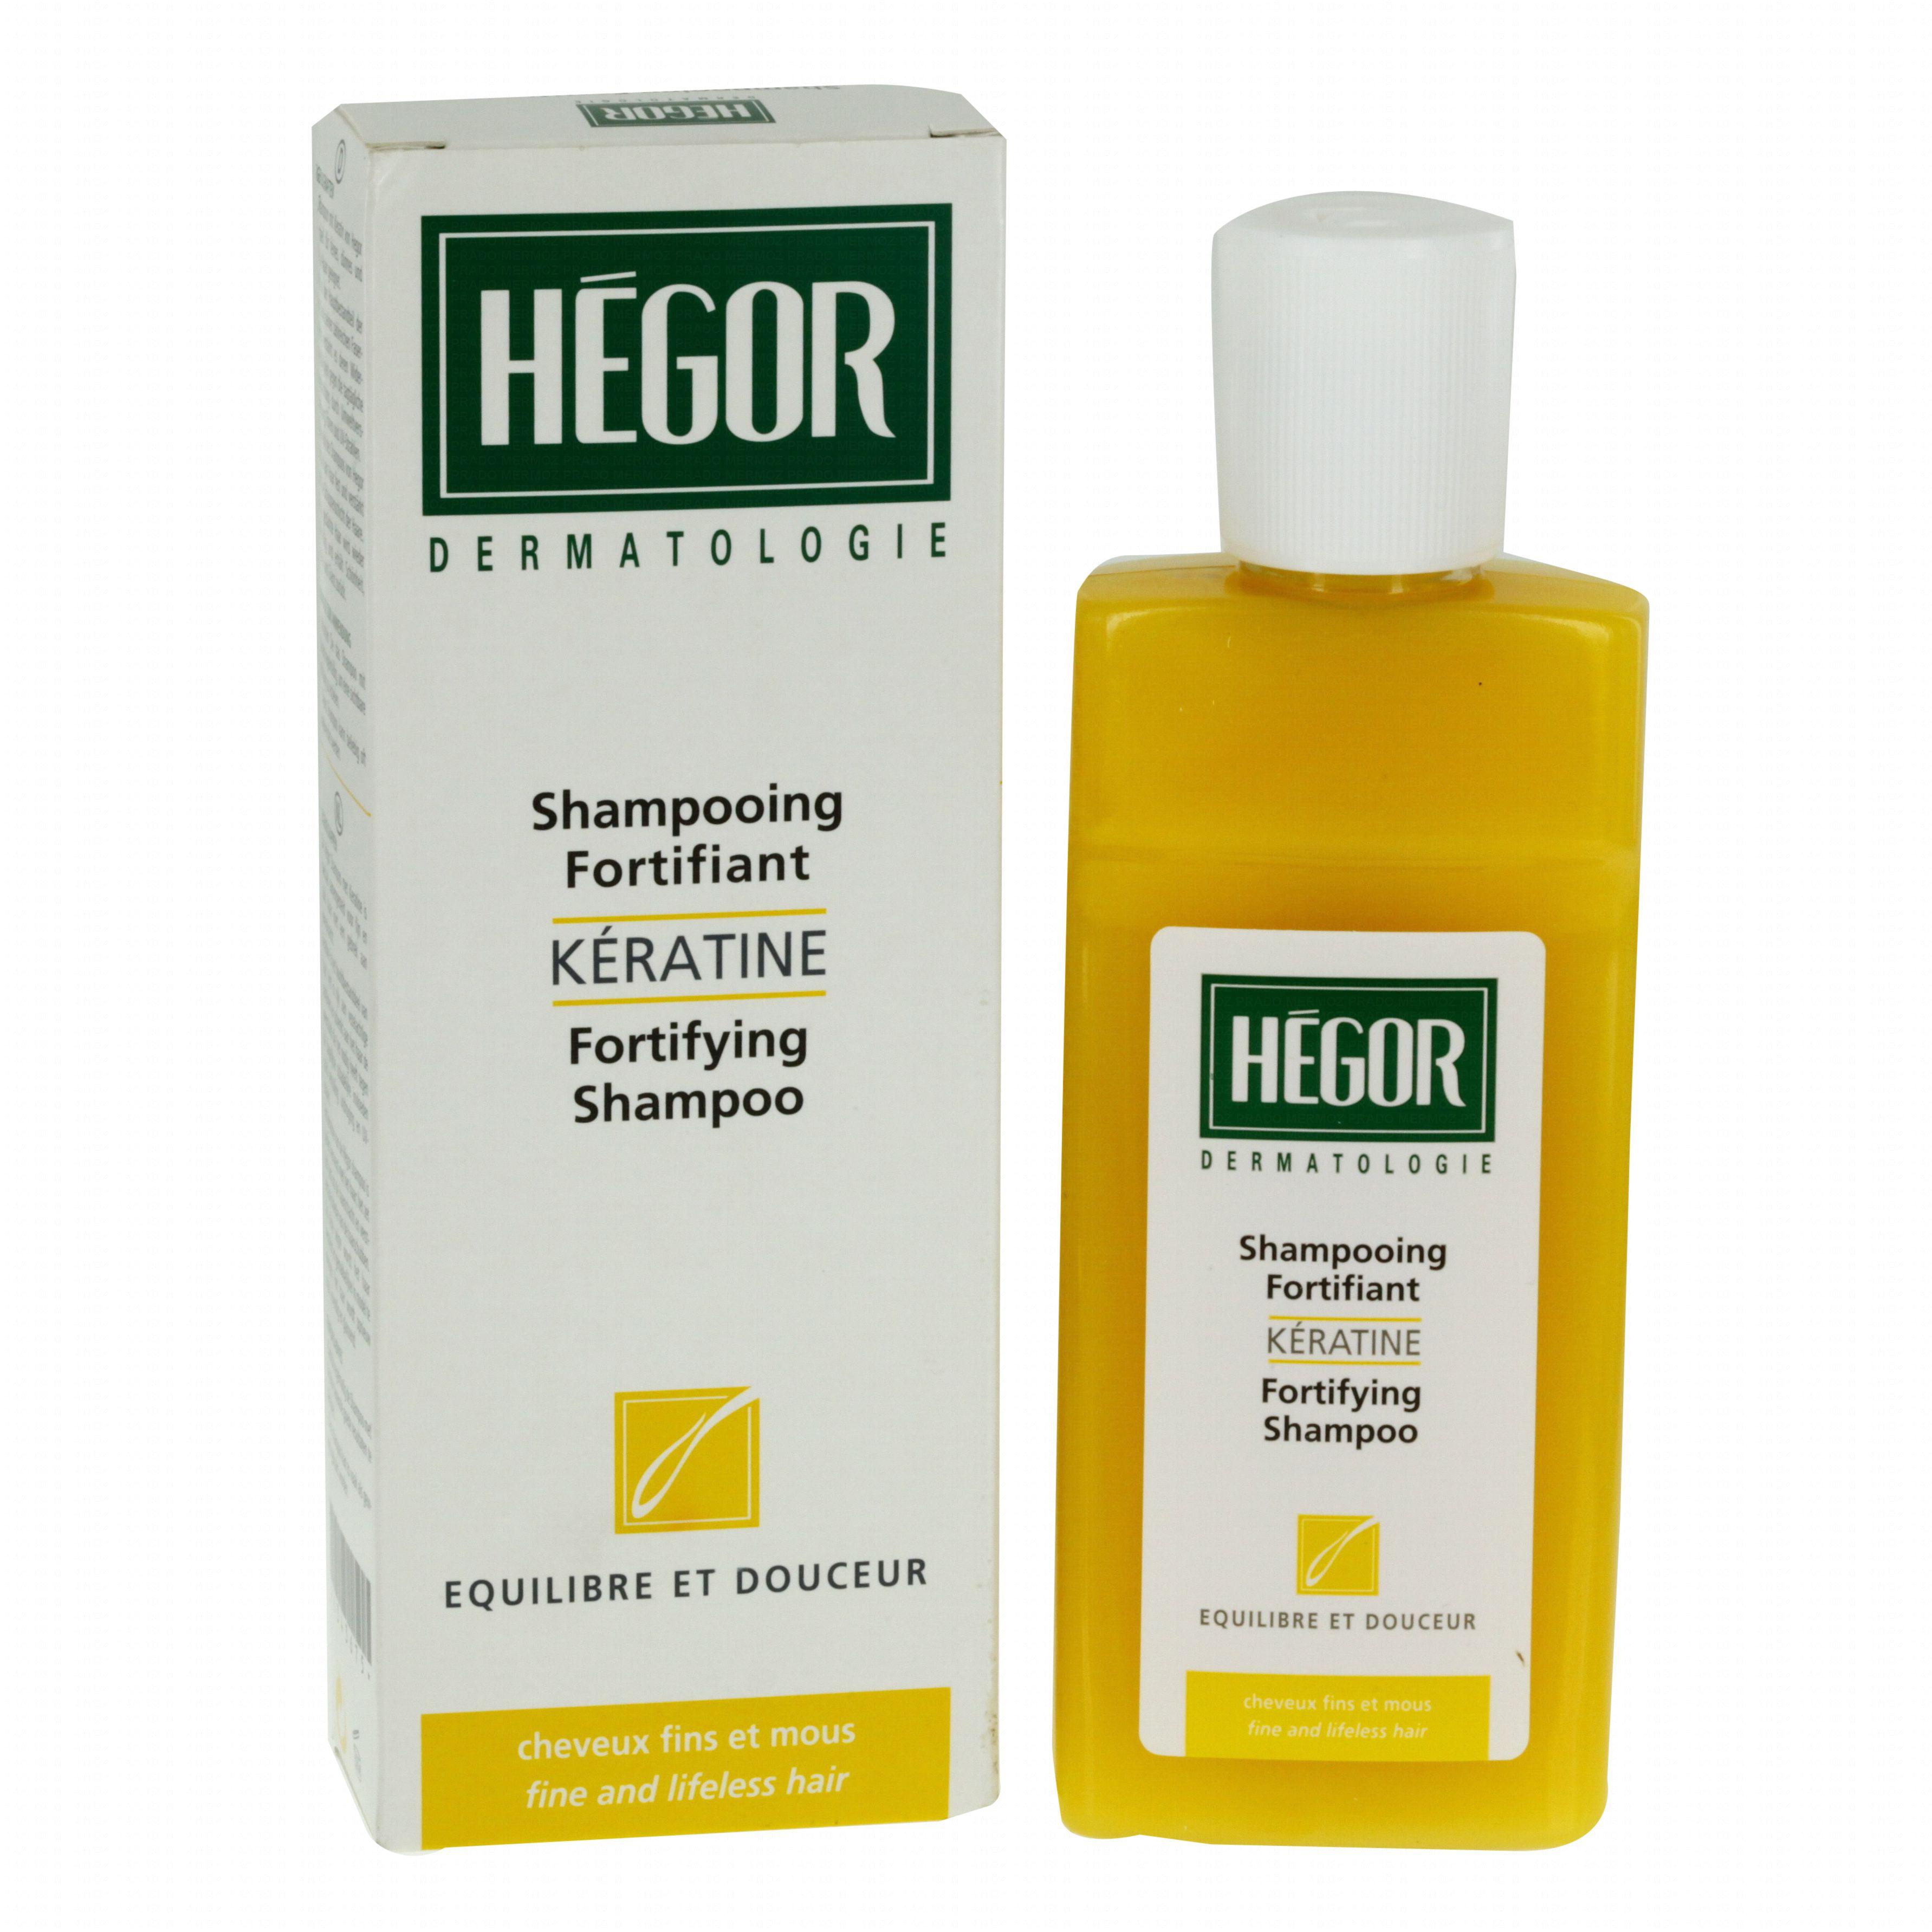 hegor shampooing la k ratine flacon 150ml. Black Bedroom Furniture Sets. Home Design Ideas